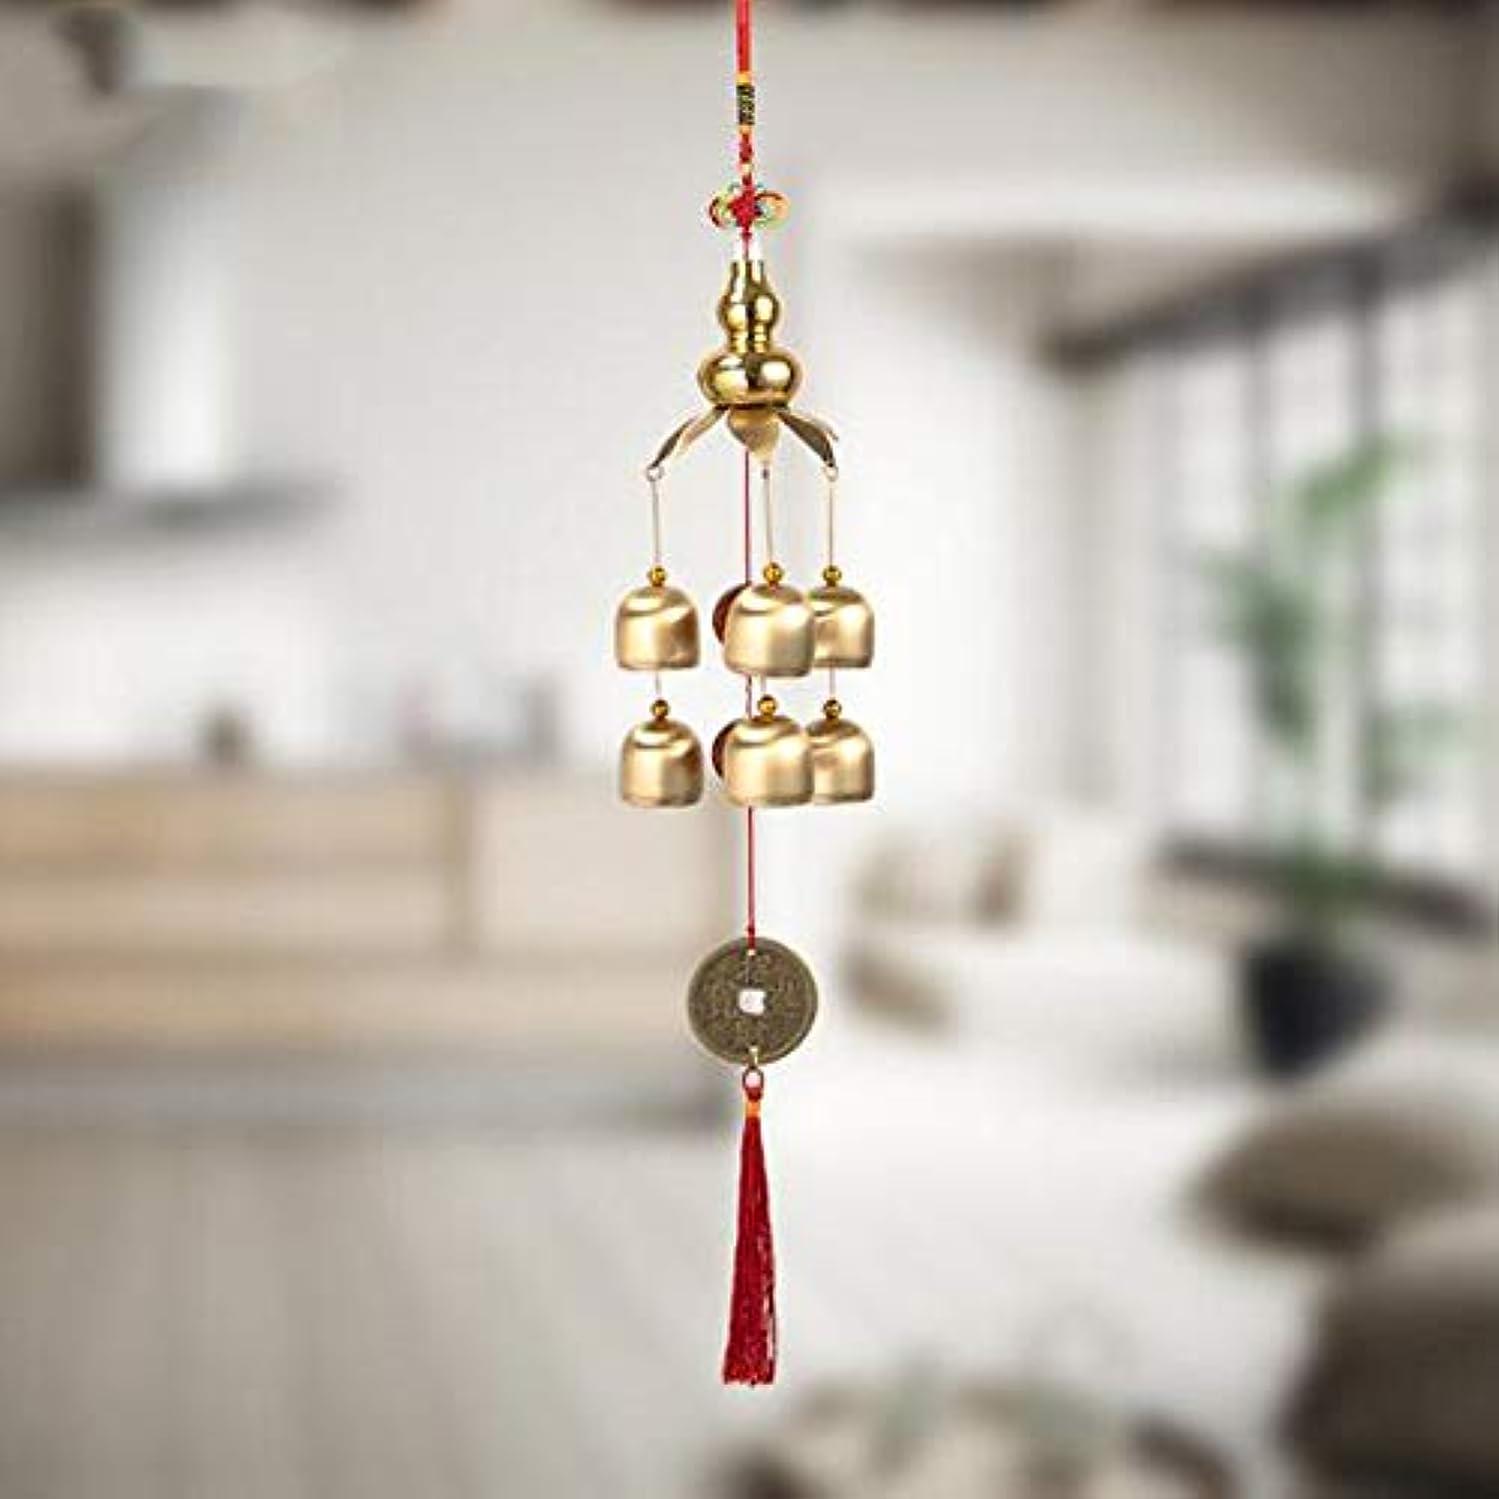 ピジン簡単にバンYoushangshipin 風チャイム、クリエイティブ?銅ひょうたんホームデコレーション風チャイム、ゴールド、約45CMの長さの合計,美しいギフトボックス (Color : B)